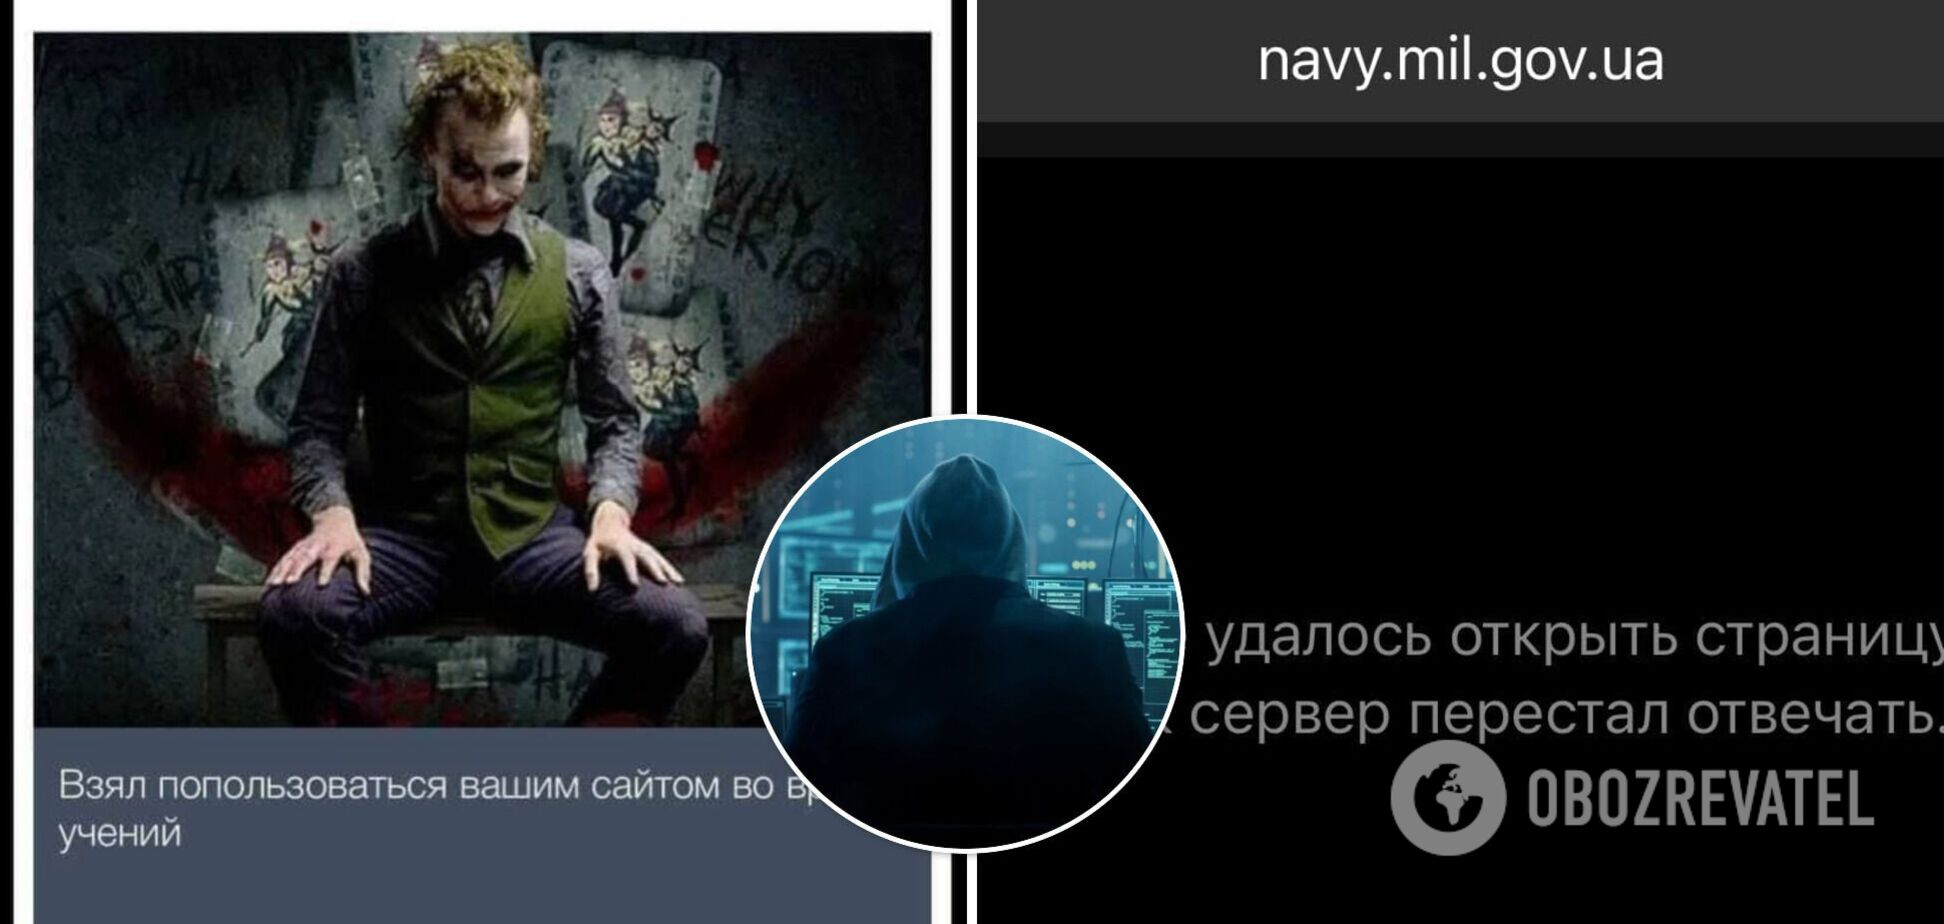 Хакери зламали сайт Військово-морських сил України: відповідальність взяв 'Джокер ДНР'